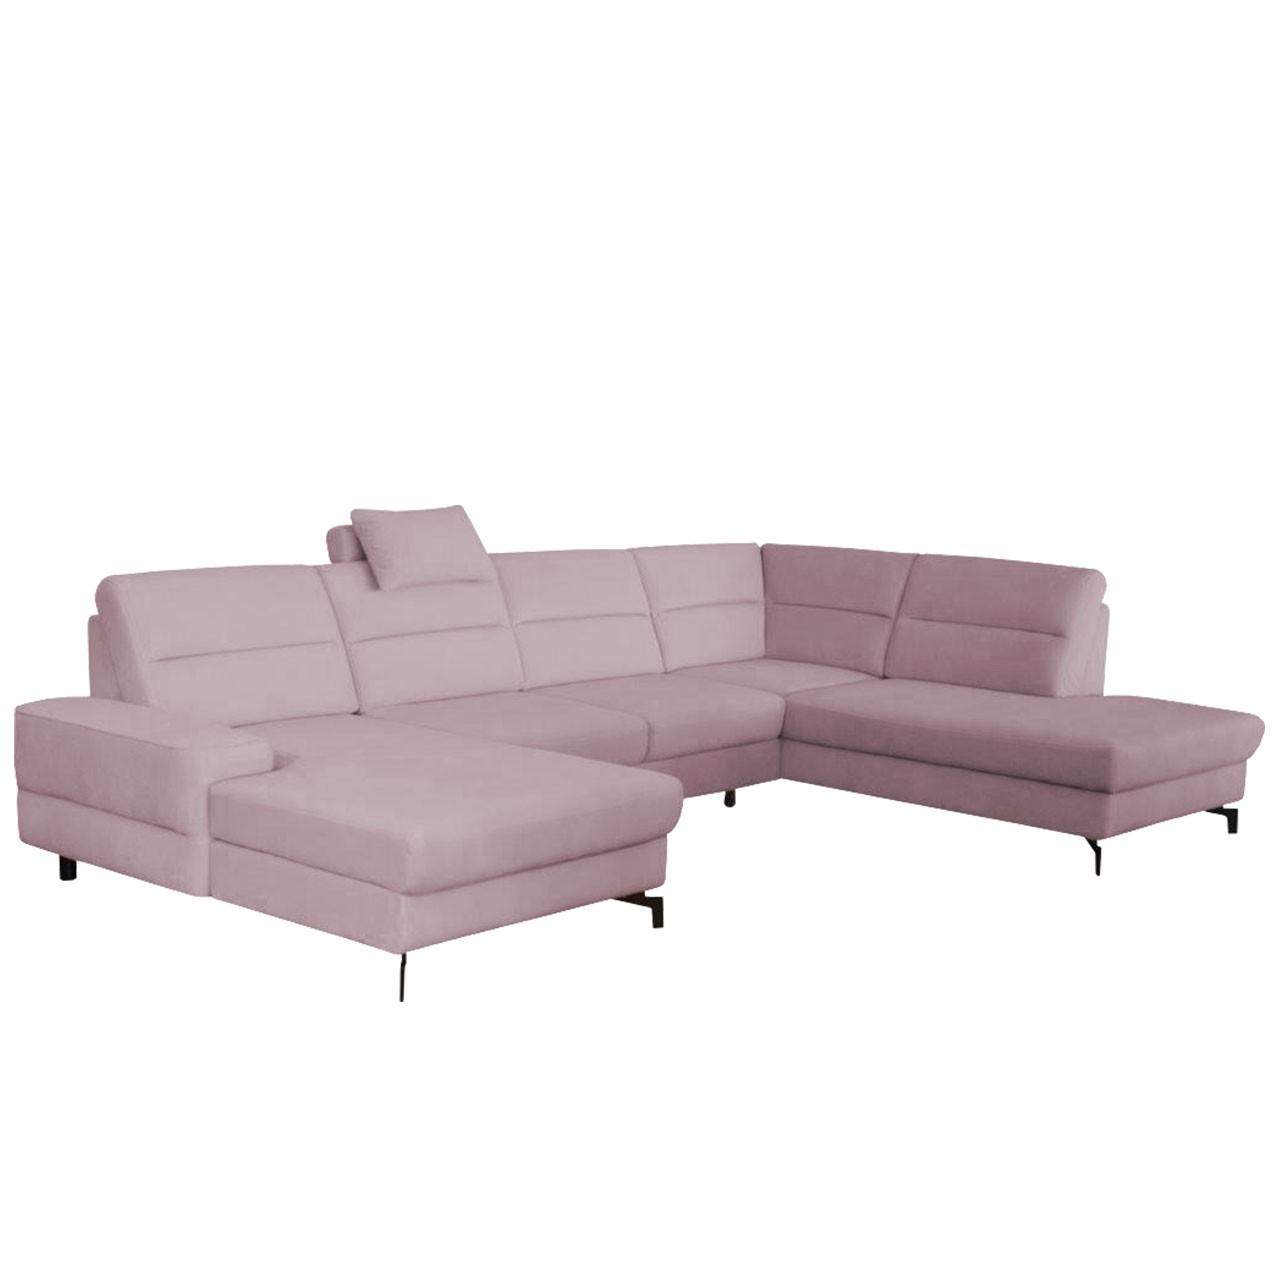 wohnlandschaft caribe mit bettkasten und schlaffunktion. Black Bedroom Furniture Sets. Home Design Ideas